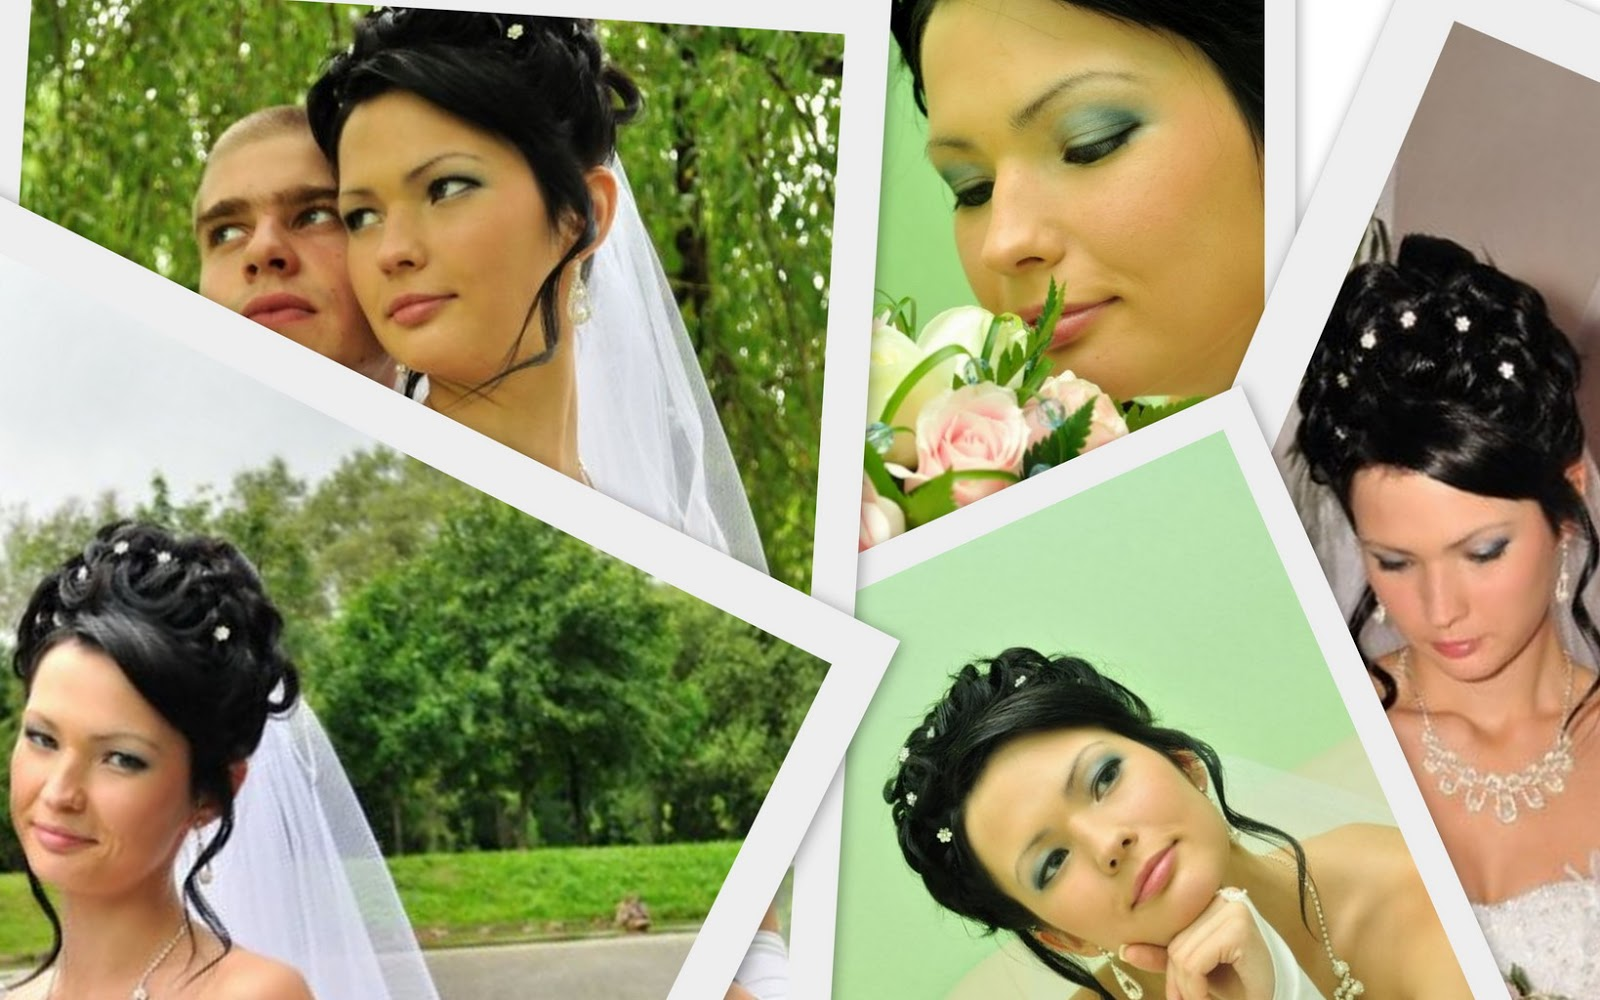 макияж и прическа на дому минск